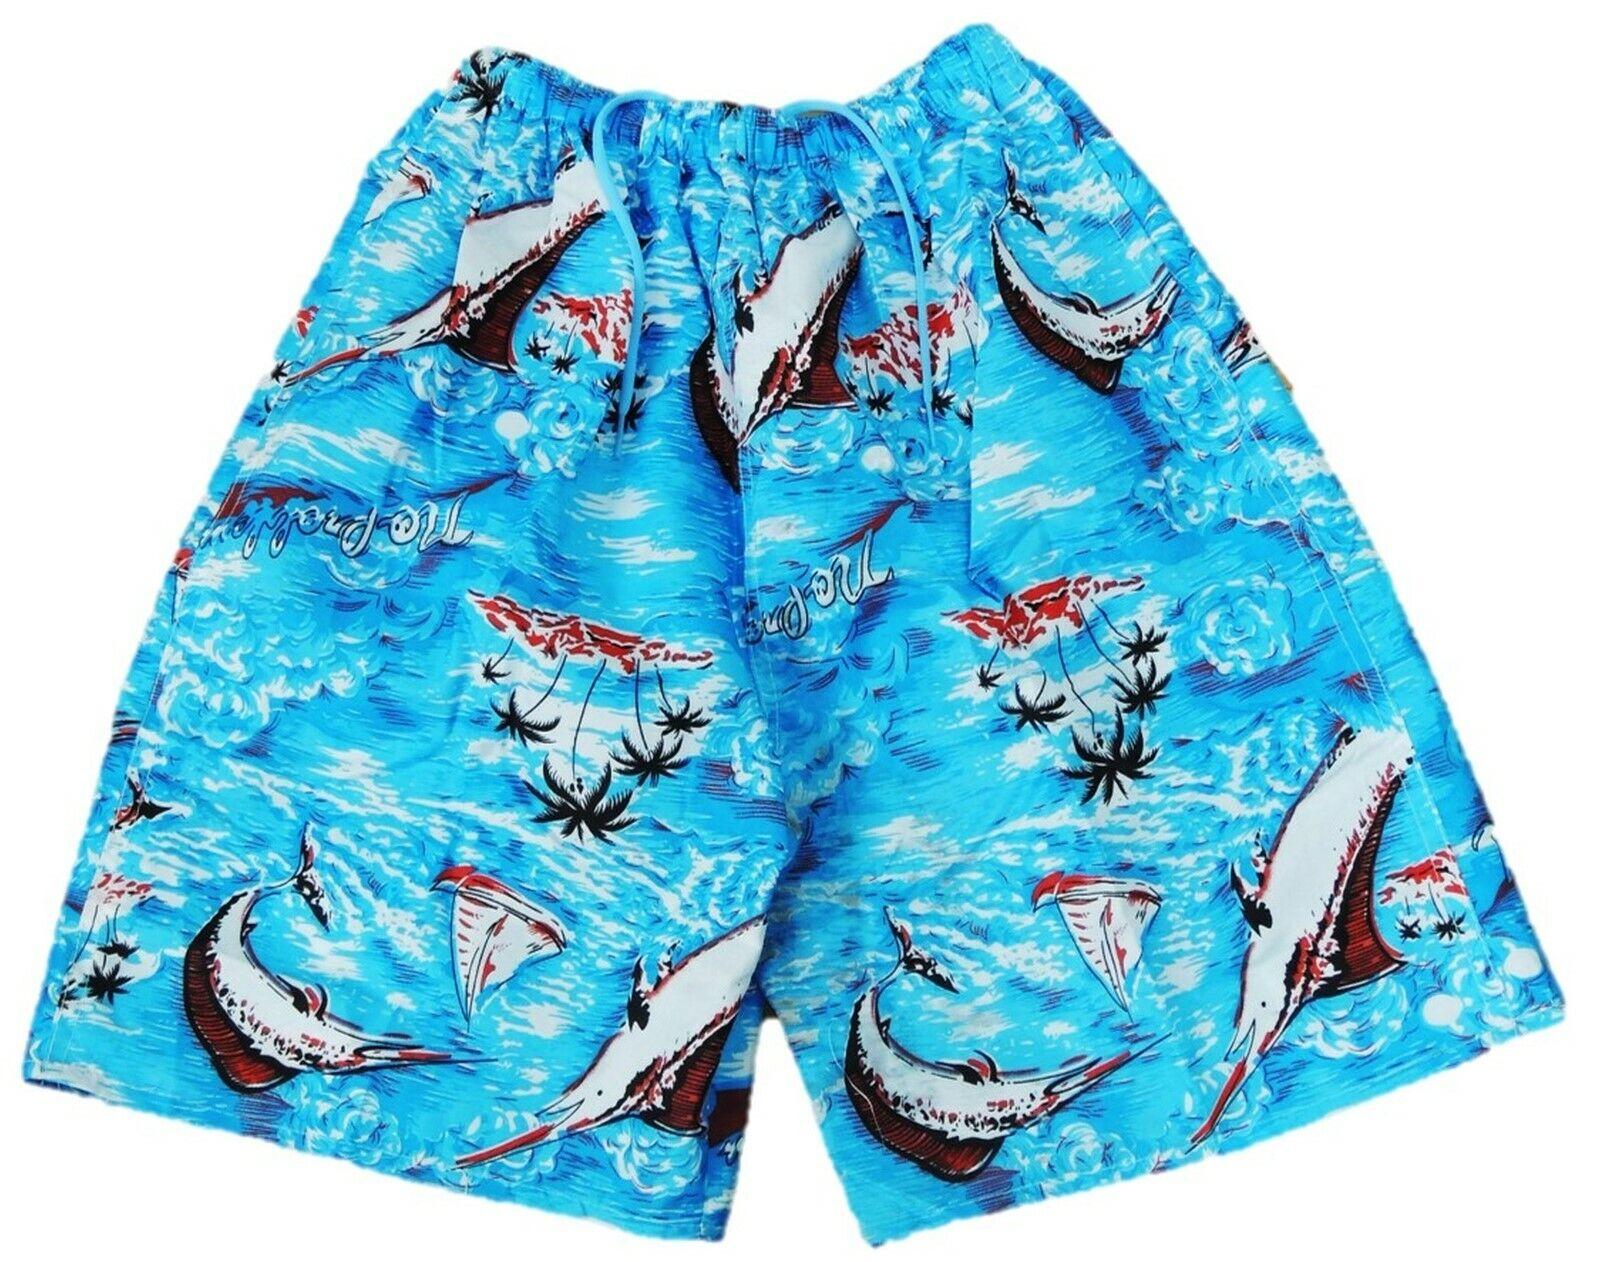 Jungen lange Badehose Badeshorts Shorts Hose Größe 158 164 170 176 182 188 (1)